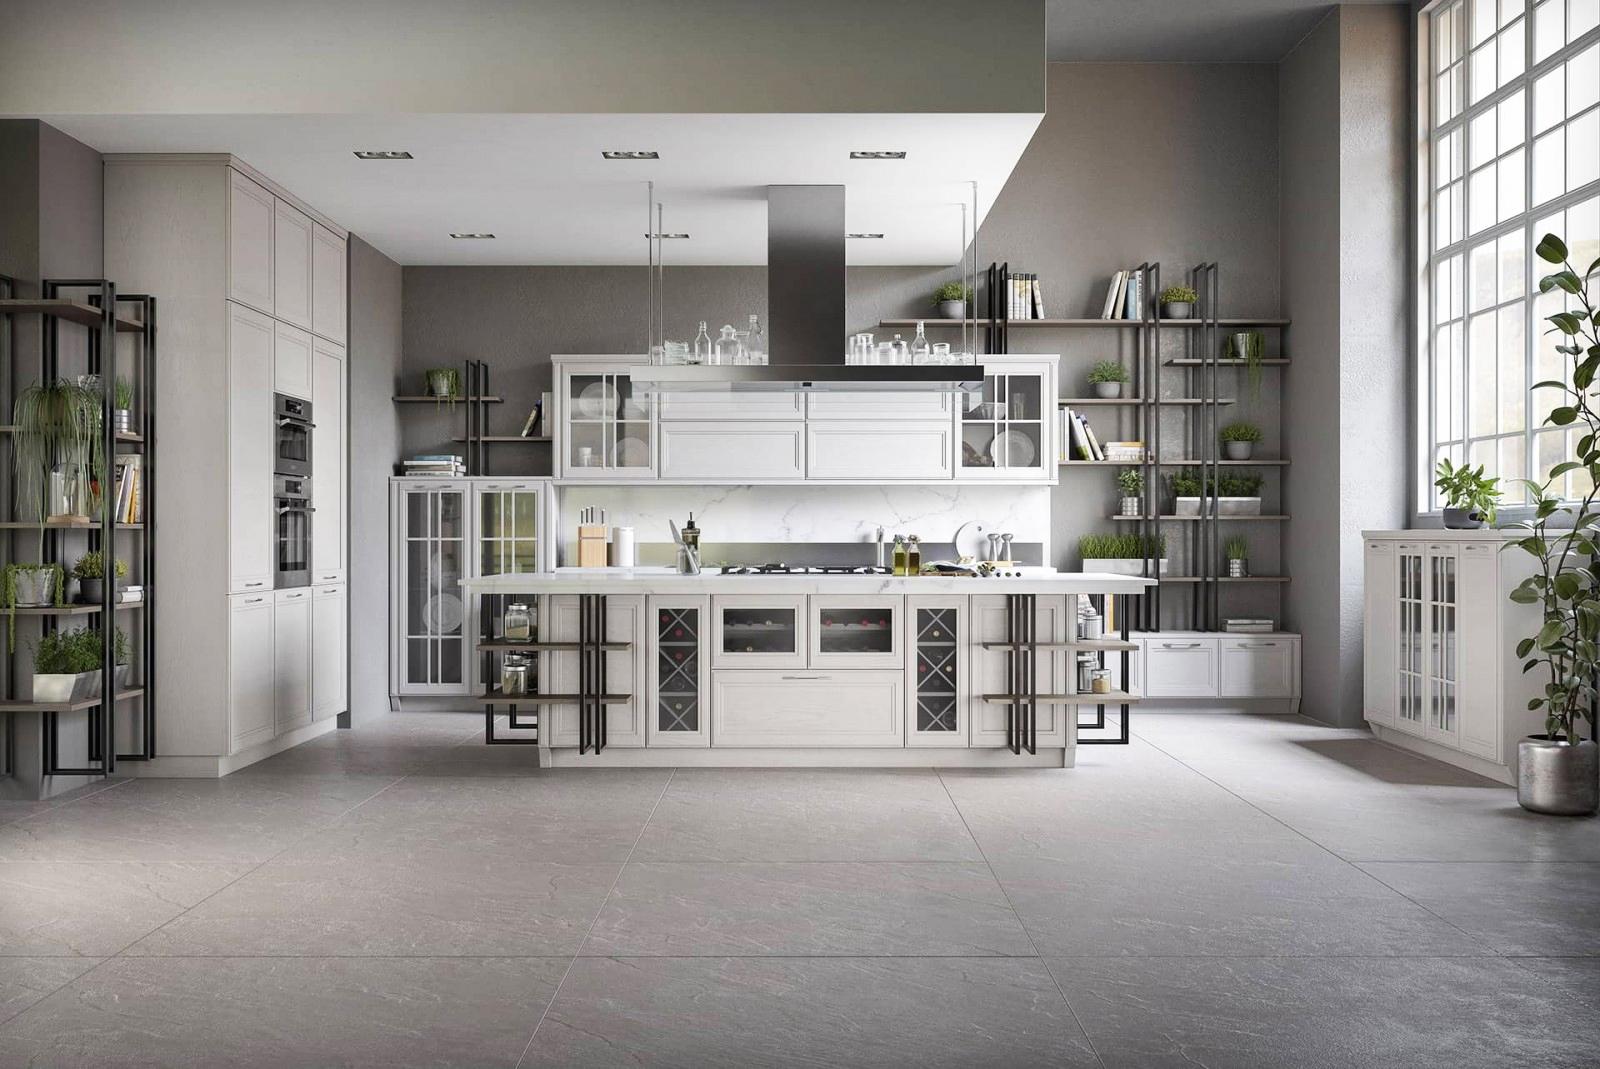 Full Size of Industrie Küche Lüftung Industrie Küche Reinigen Gleichzeitigkeitsfaktor Industrie Küche Edelstahl Industrie Küche Küche Industrie Küche